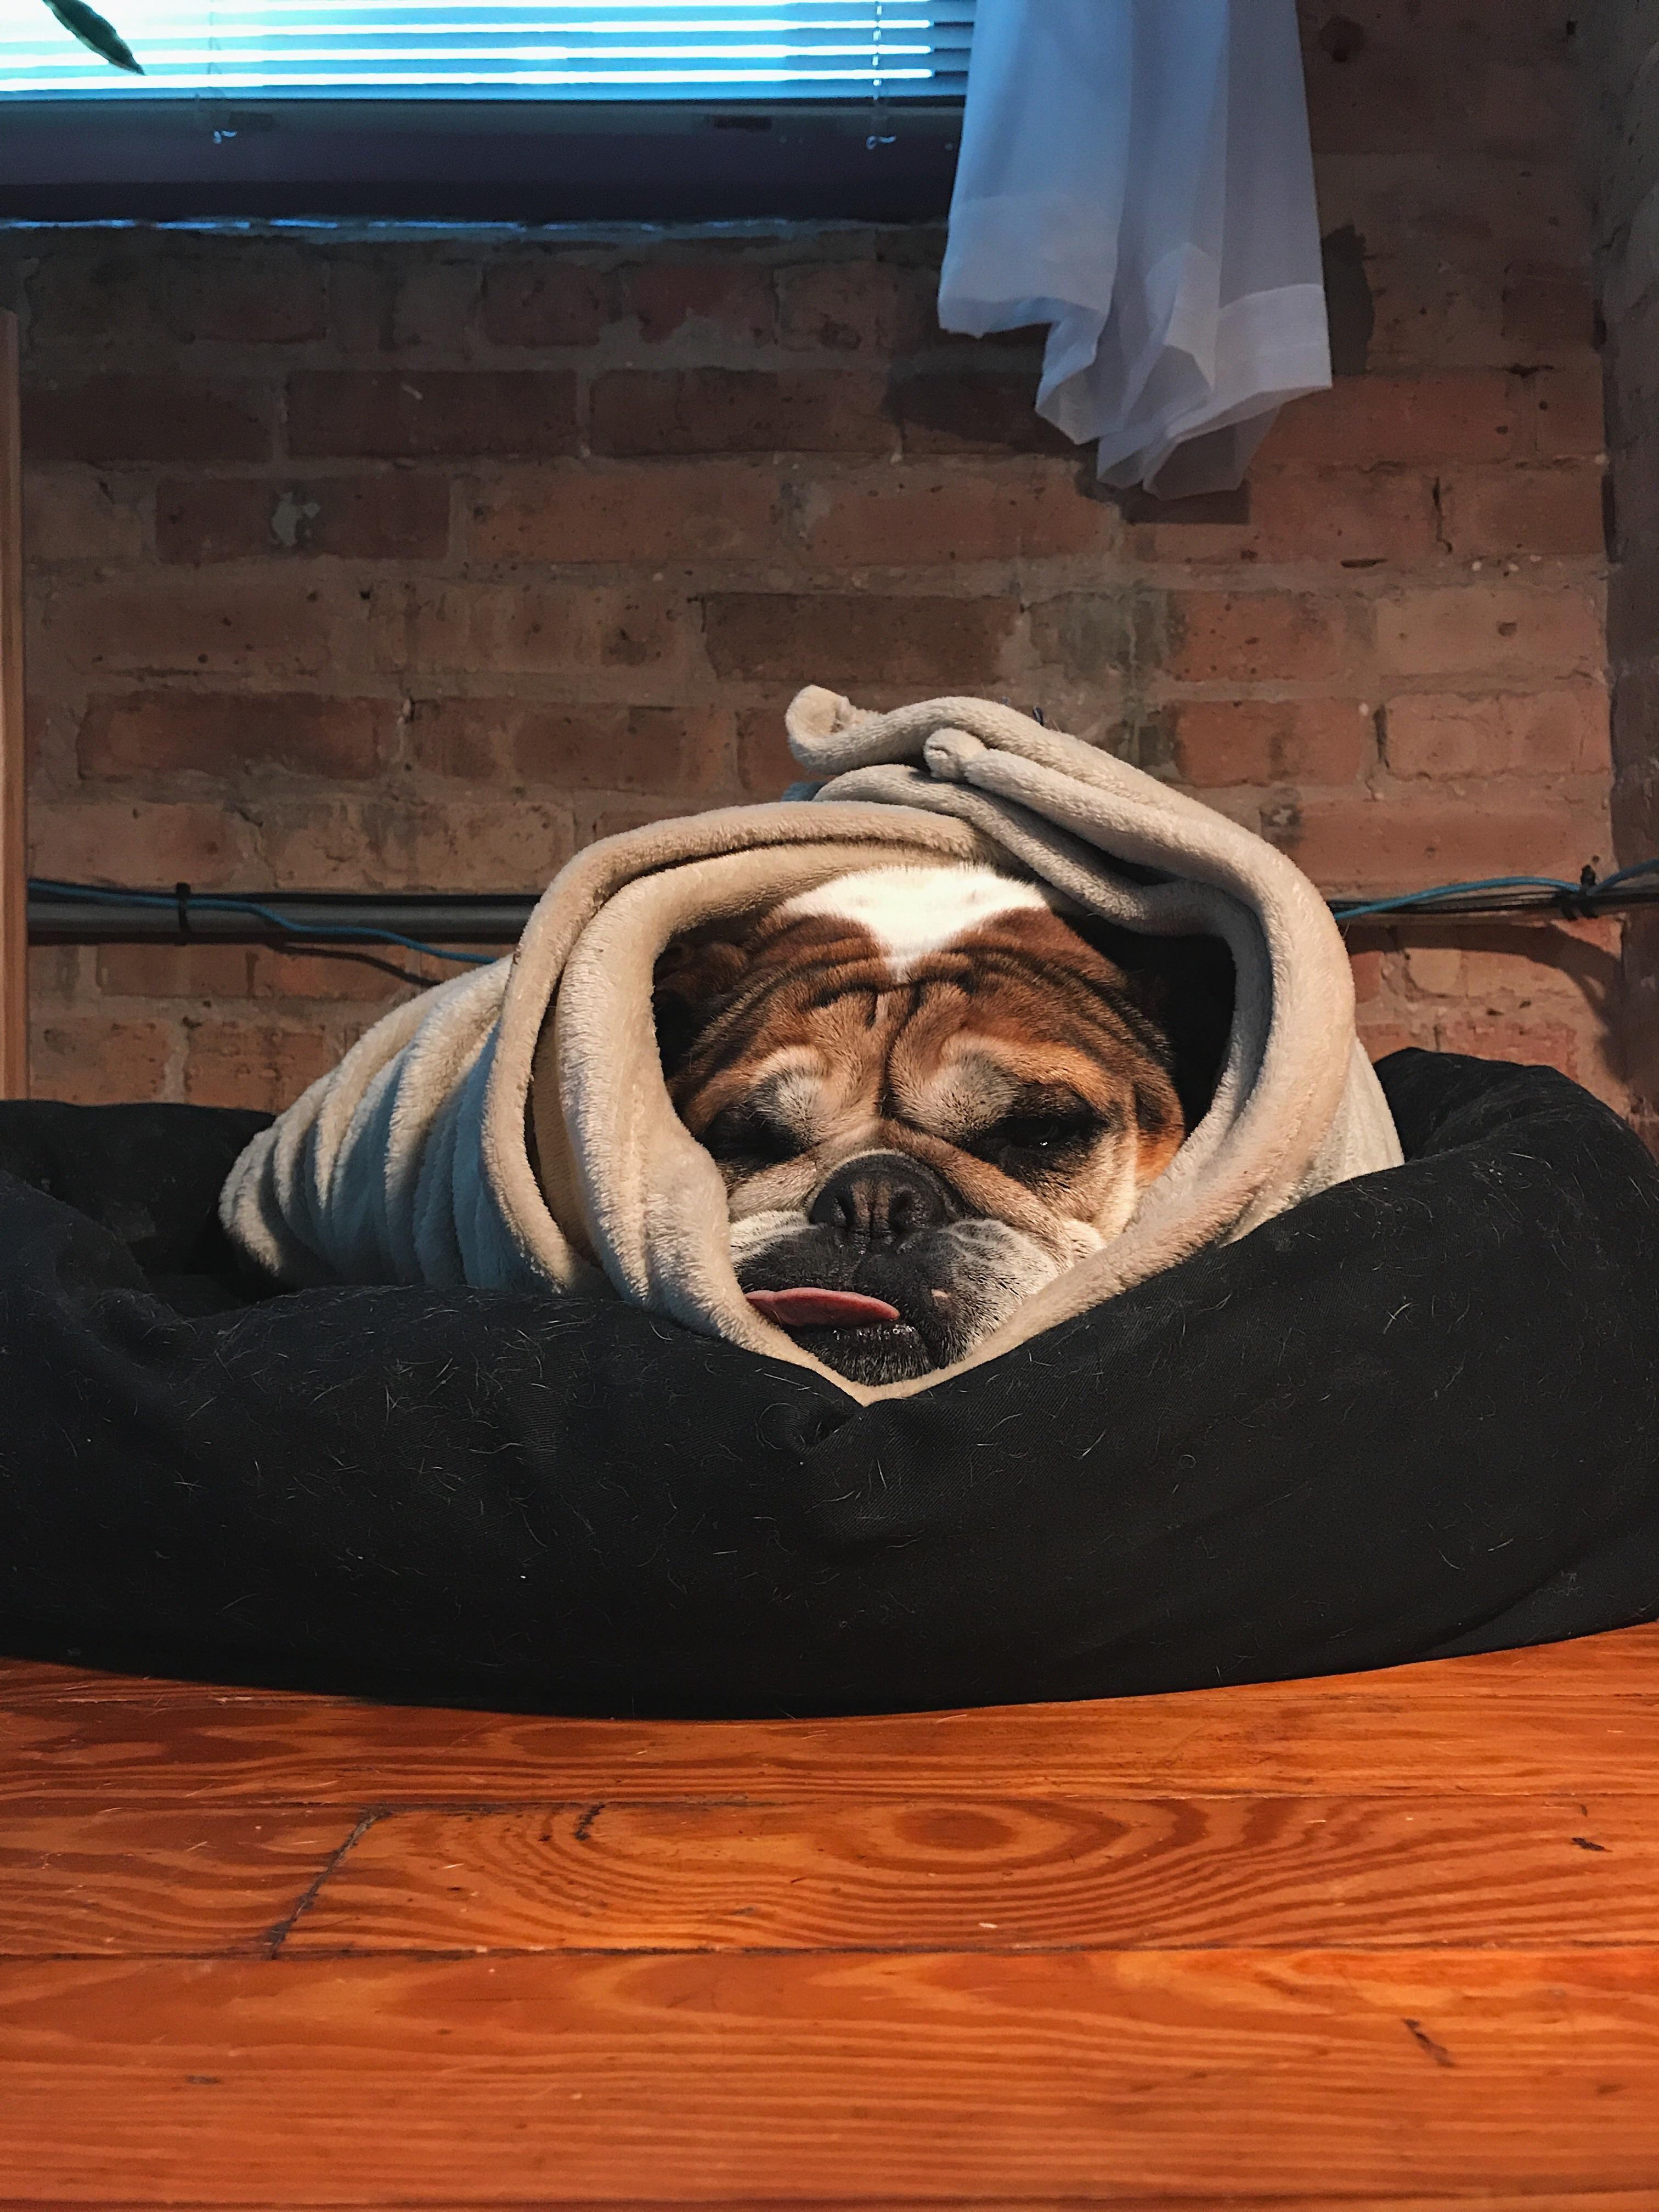 Bulldog Burritohttps://i.redd.it/yu3ldyo30u1z.jpg